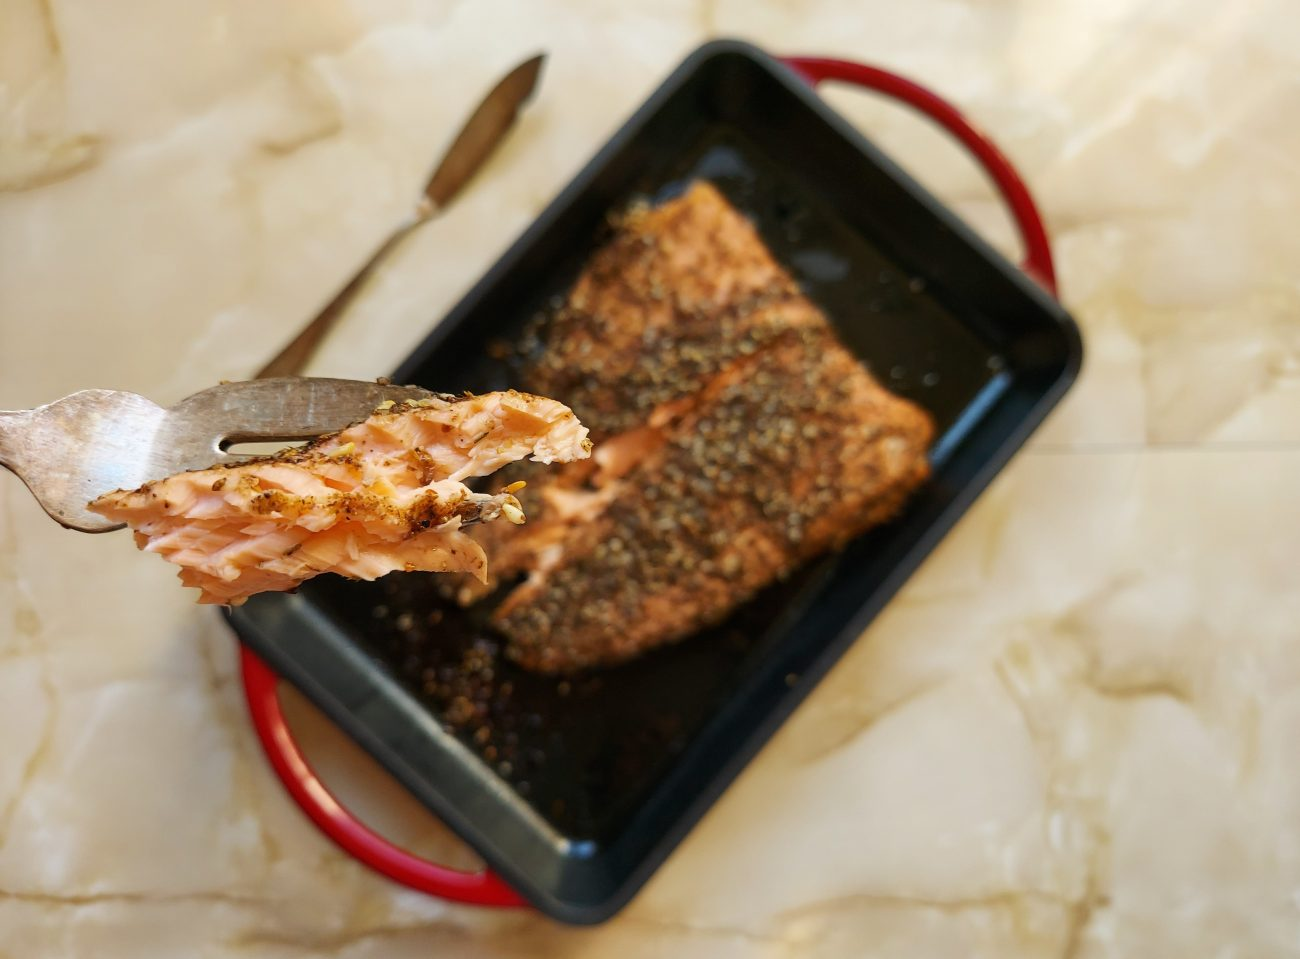 Receta fácil de lomo de salmón al horno con zatar